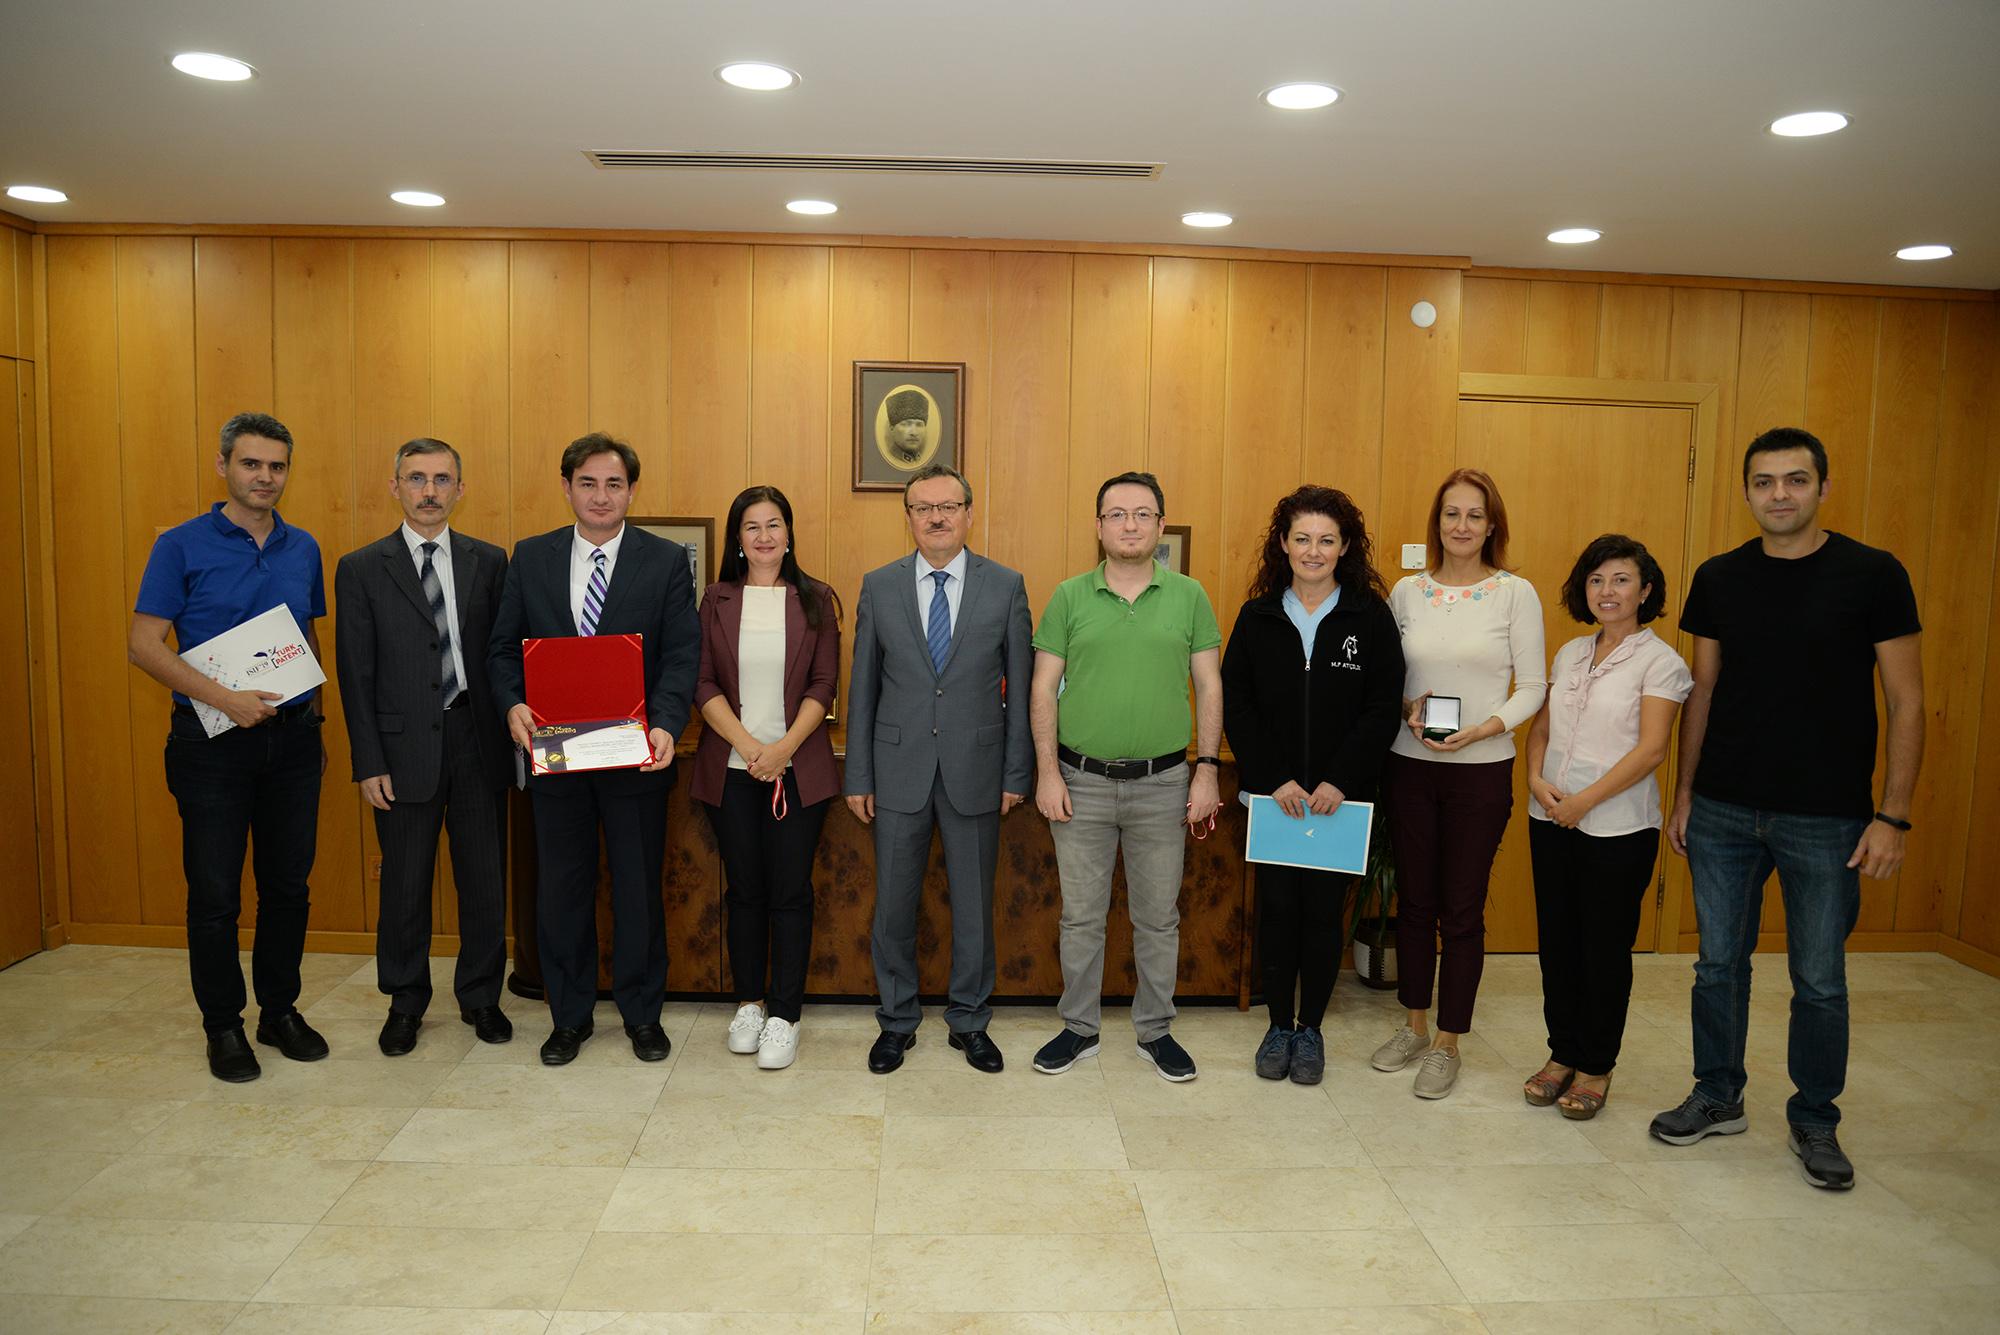 TEKNOFEST kapsamında İstanbul'da düzenlenen ISIF 2019  Fuarı'nda,  Bahçe Bitkileri Bölümü Öğretim Üyesi Doç. Dr. Asuman Cansev  ve  ekip arkadaşları  'Bitki Büyüme ve Gelişmesinde Sitidin Kullanımı' isimli patent ile altın madalyaya layık görüldü.